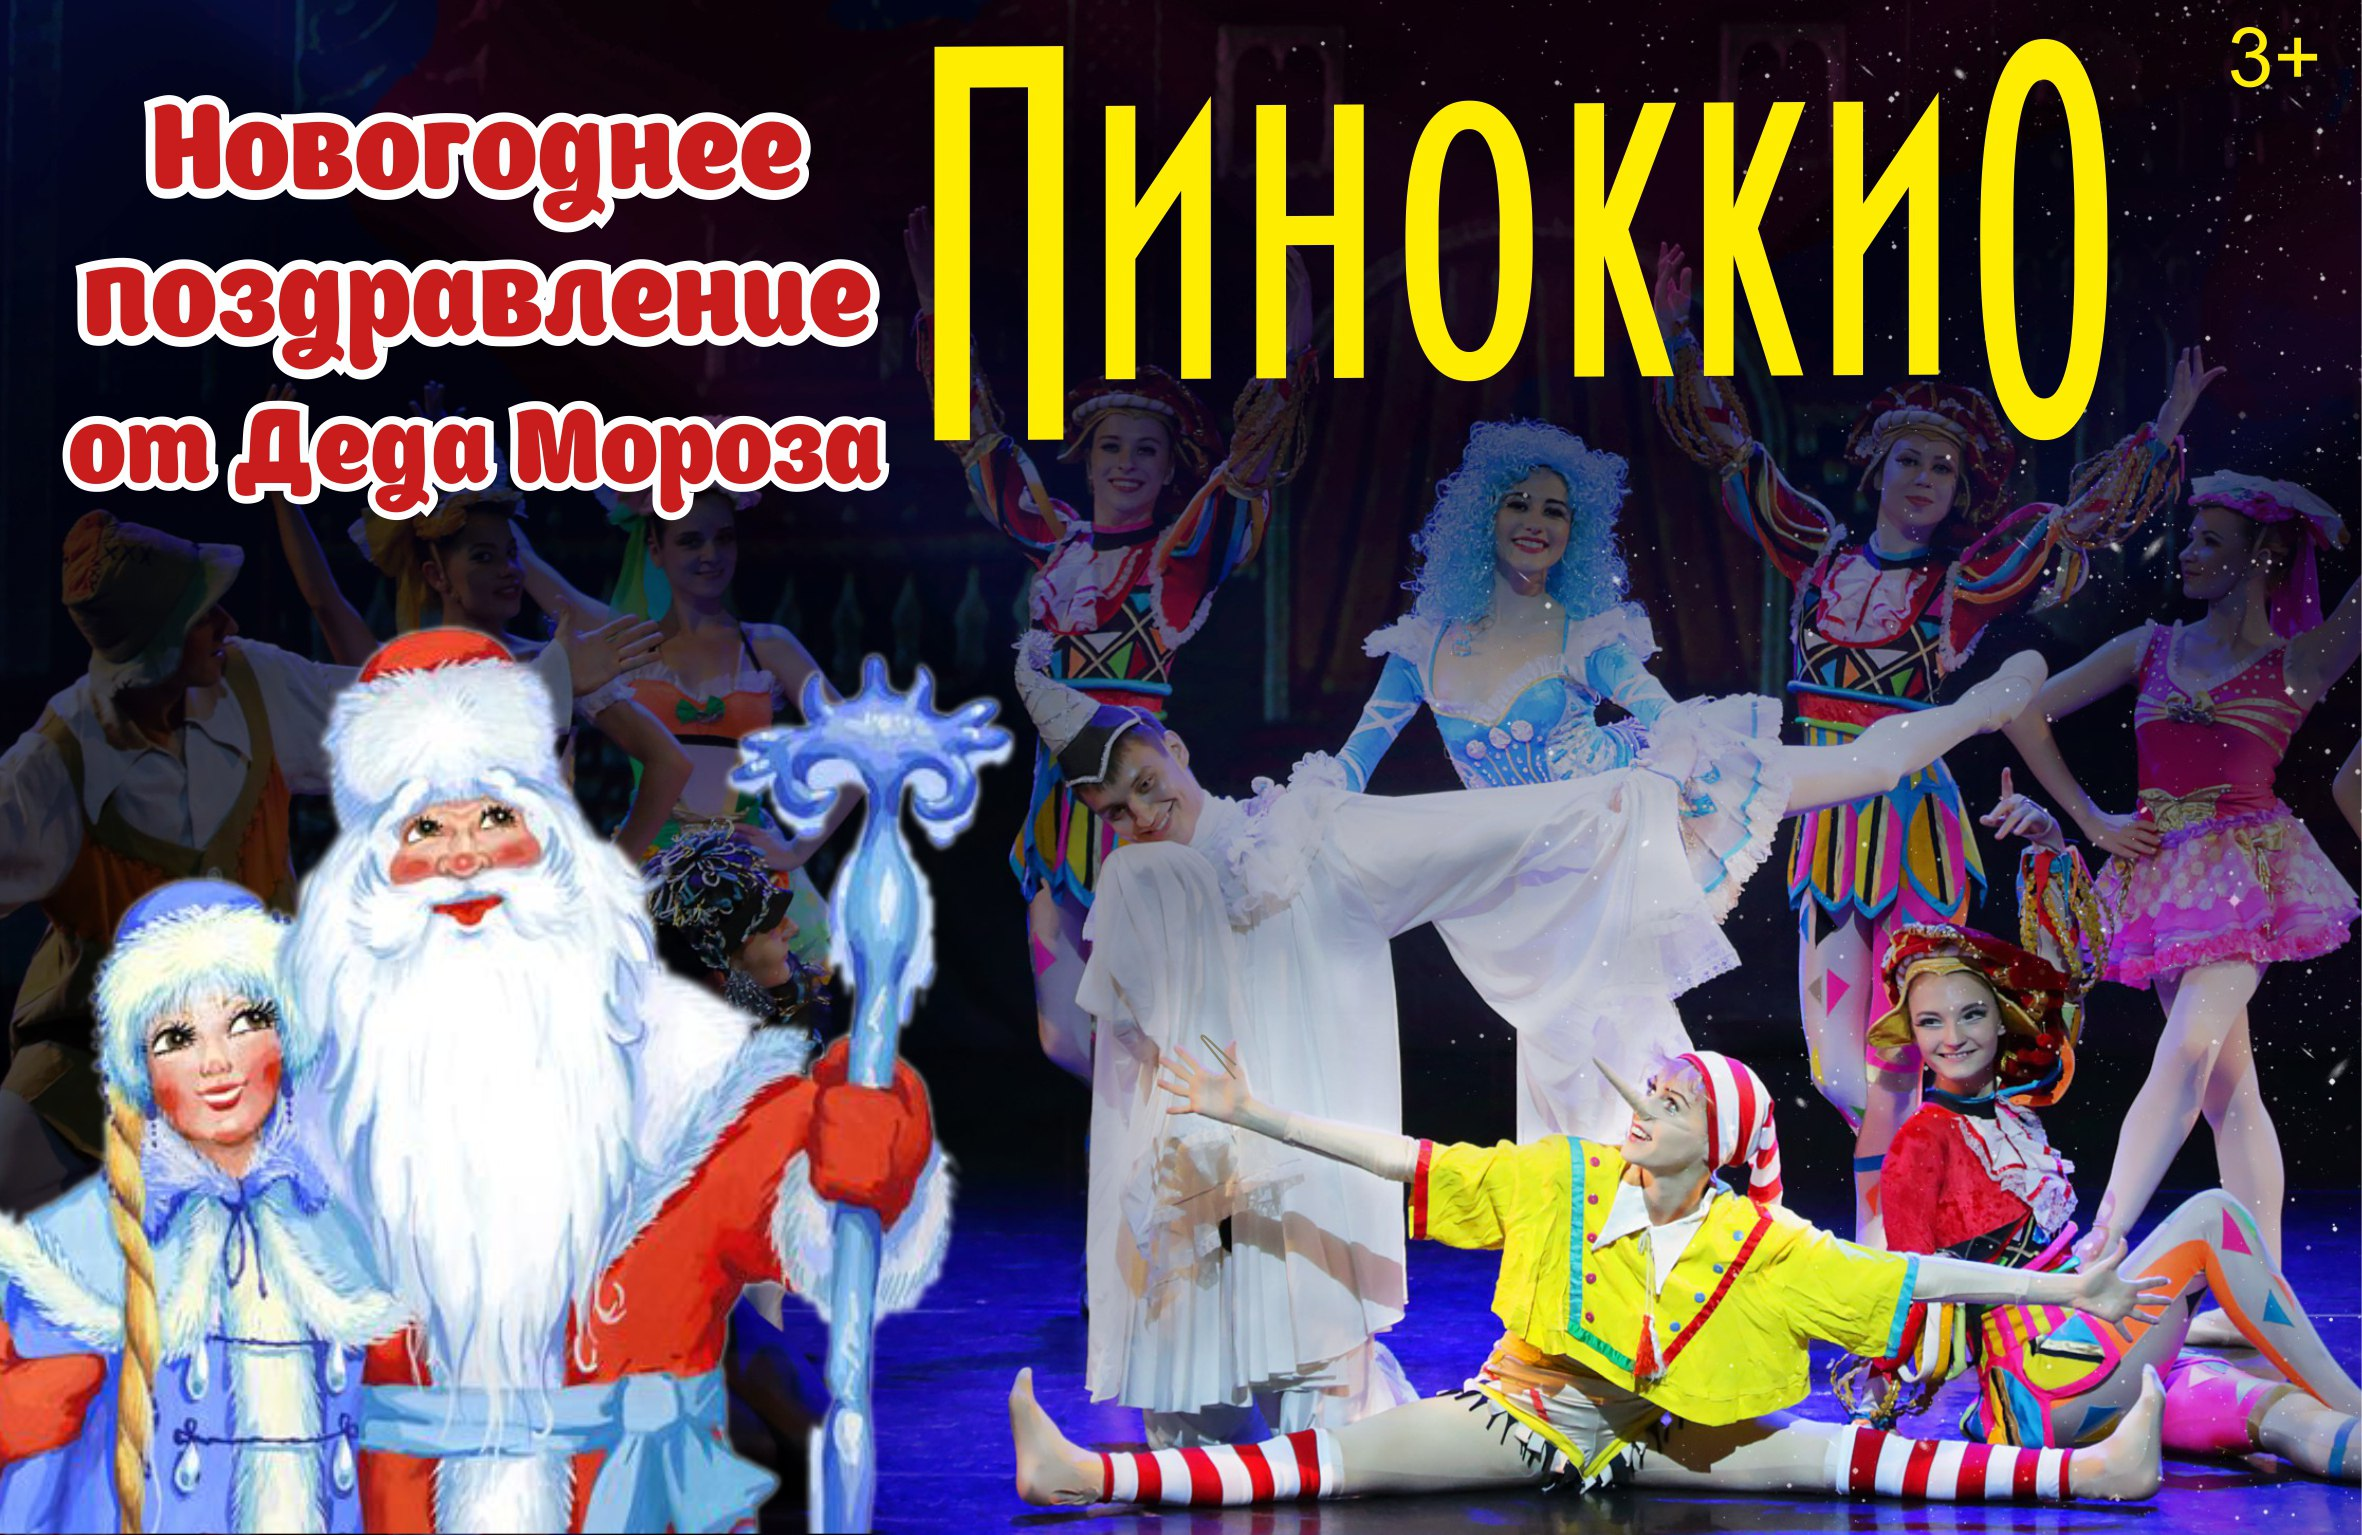 Купить билеты на Пиноккио